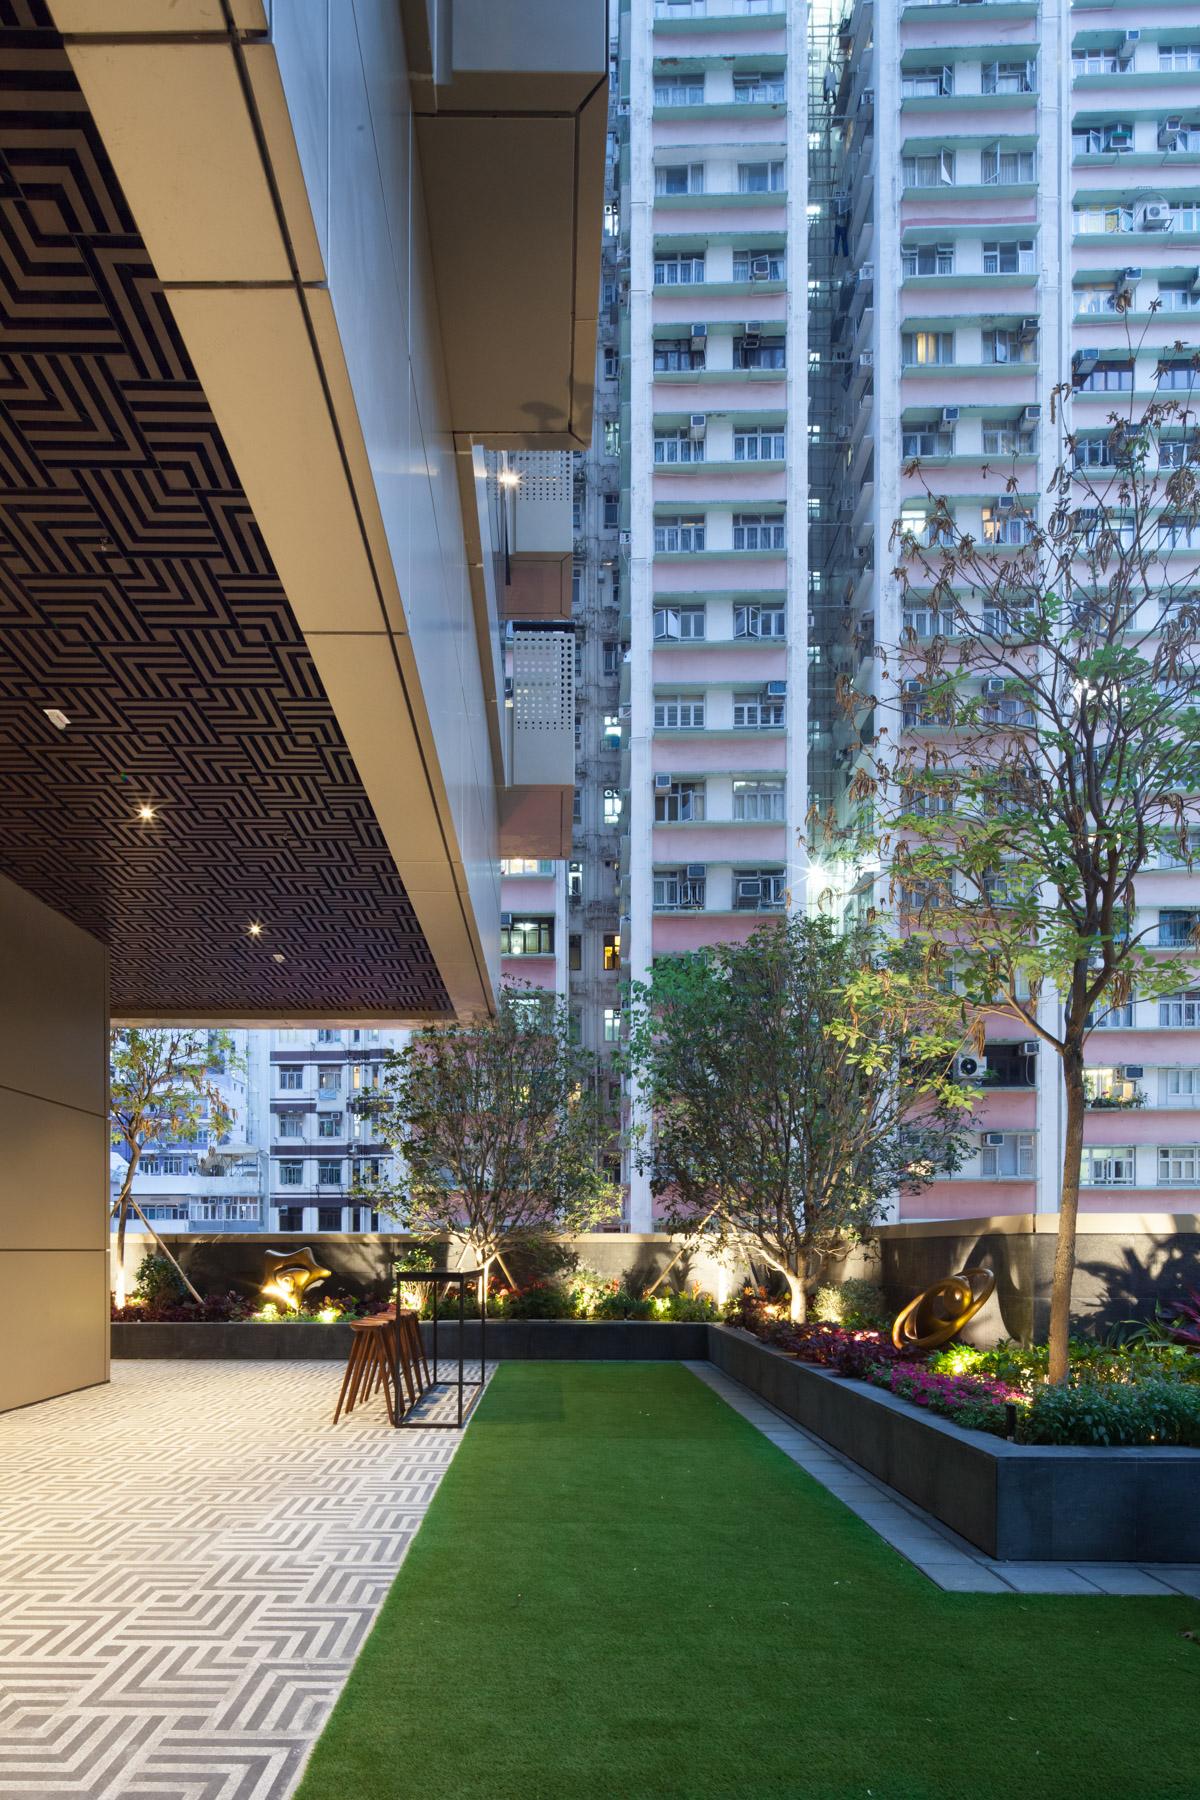 Luna_JM05_Landscape Garden-0246_Anahita Chouhan Architect Interior designer .jpg